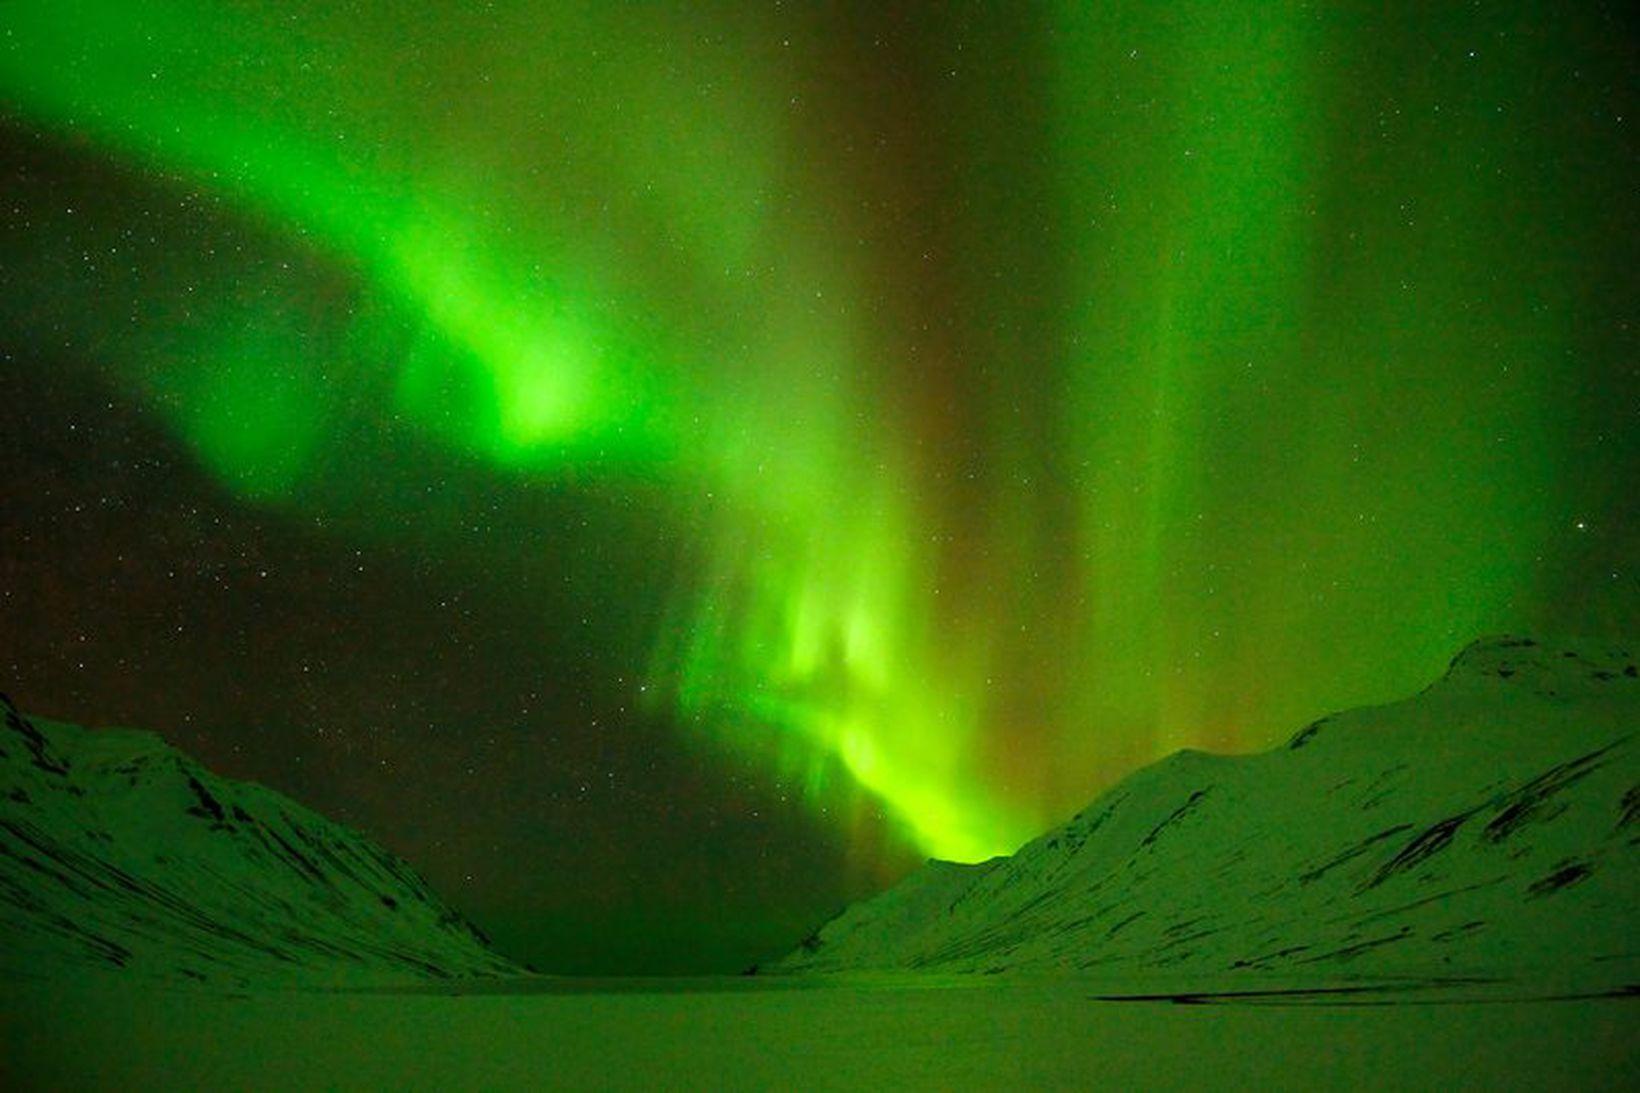 Það er mikið sjónarspil að fylgjast með dansi norðurljósanna. Þessi …